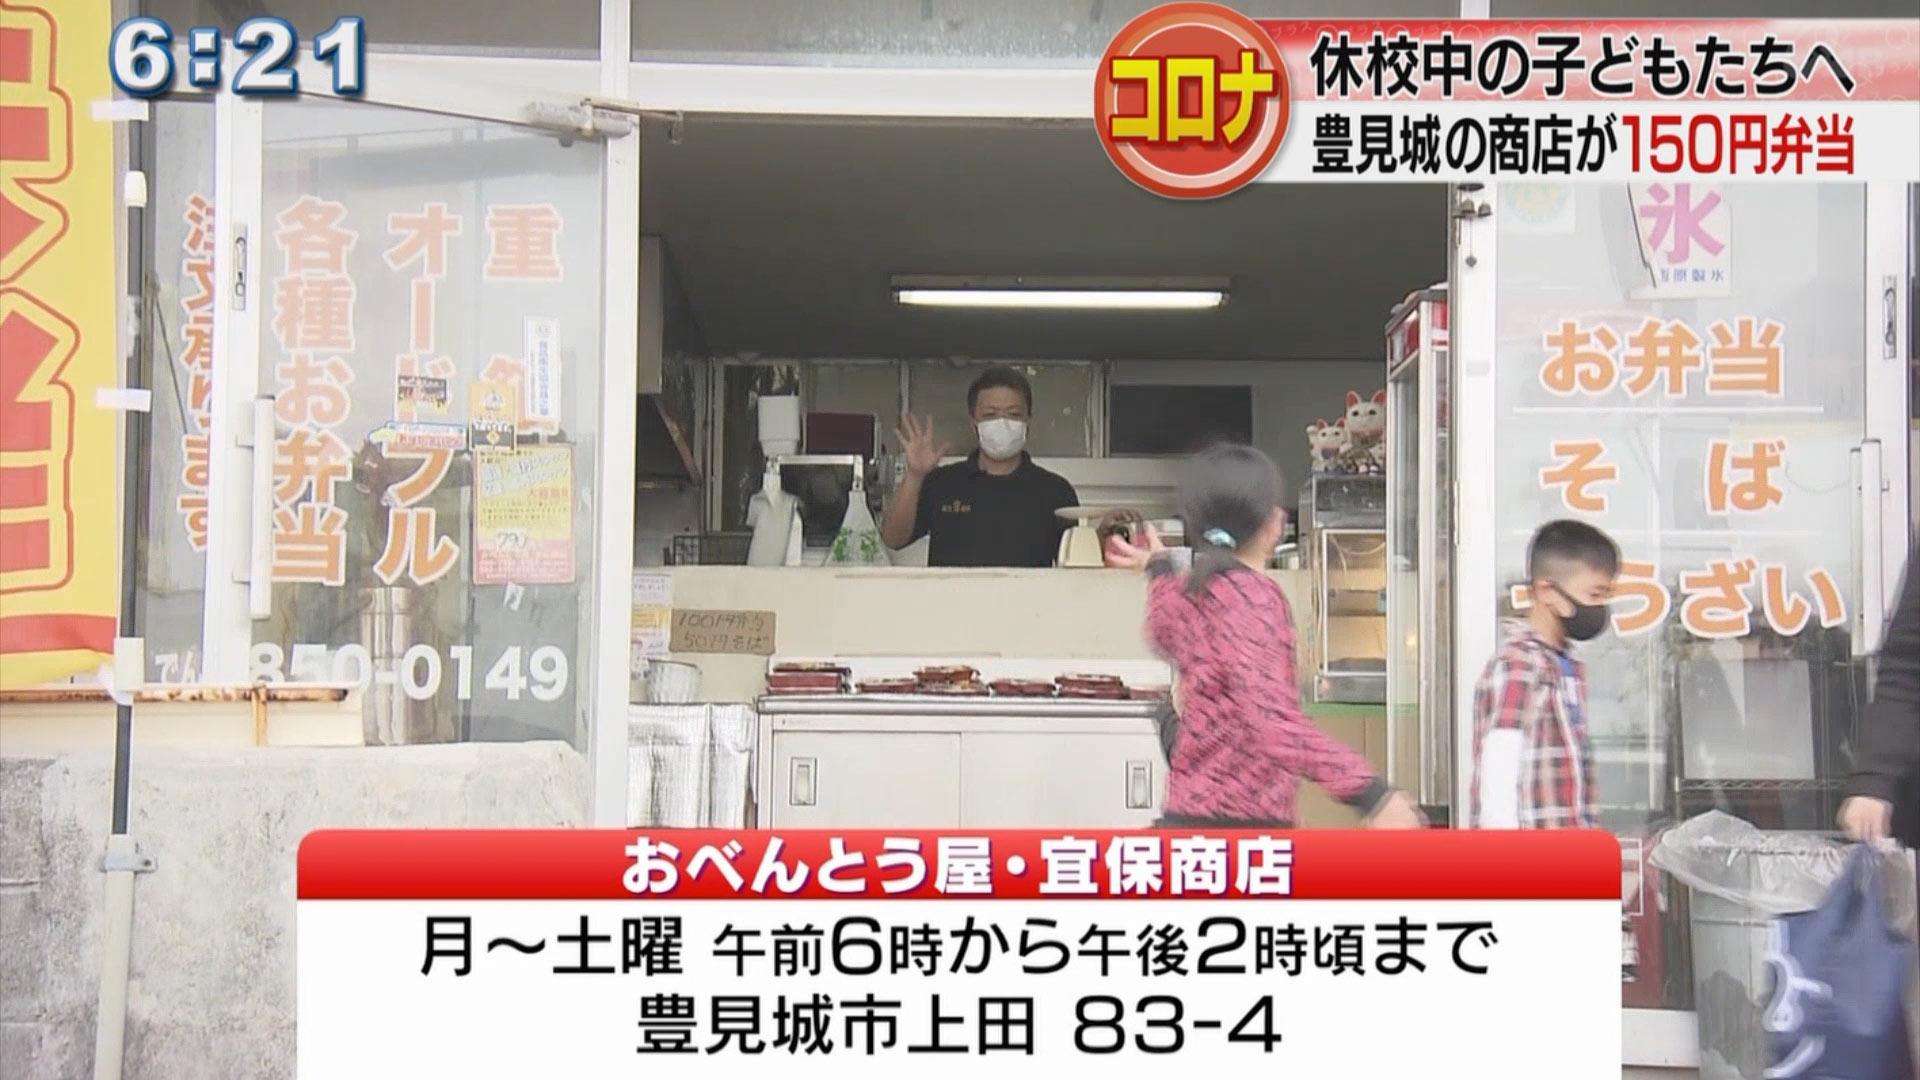 休校中の子どもたちへ 150円弁当!